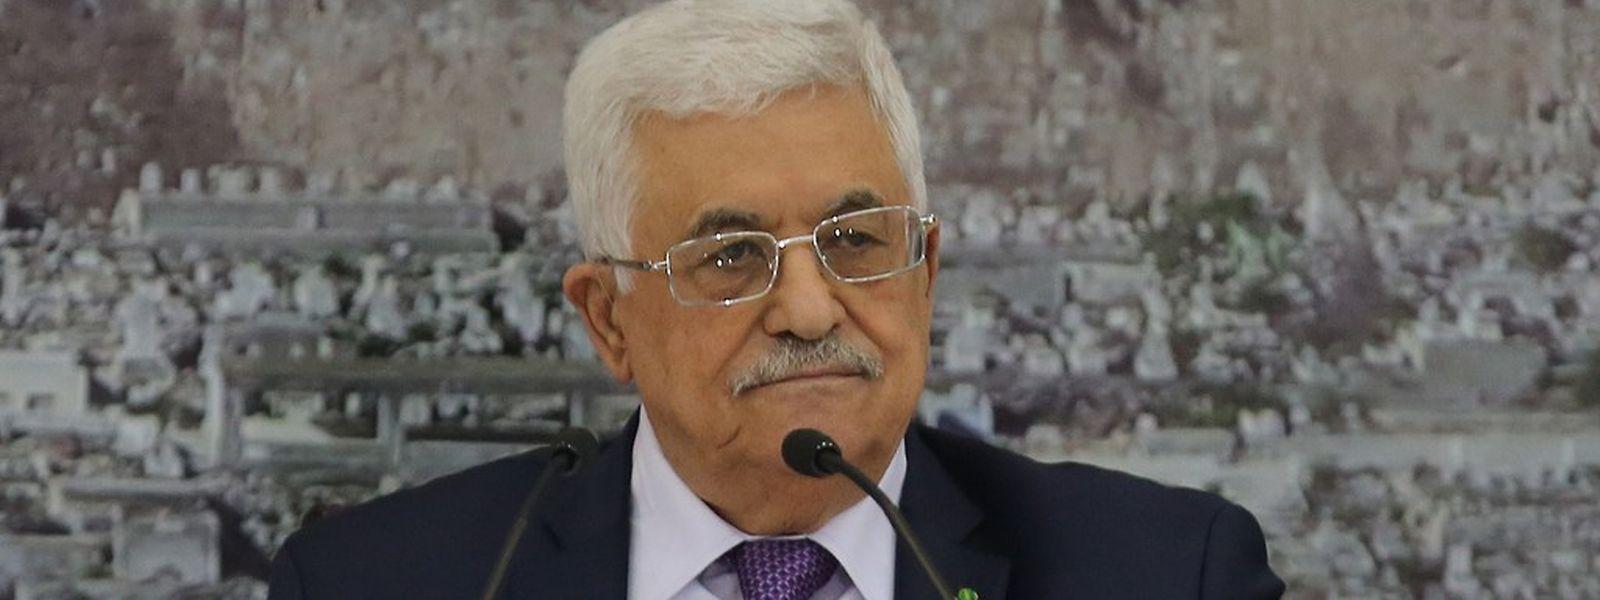 Palästinenserpräsident Mahmud Abbas wird bei seiner Arbeitsvisite in Luxemburg die Lage im Nahen Osten erörtern.